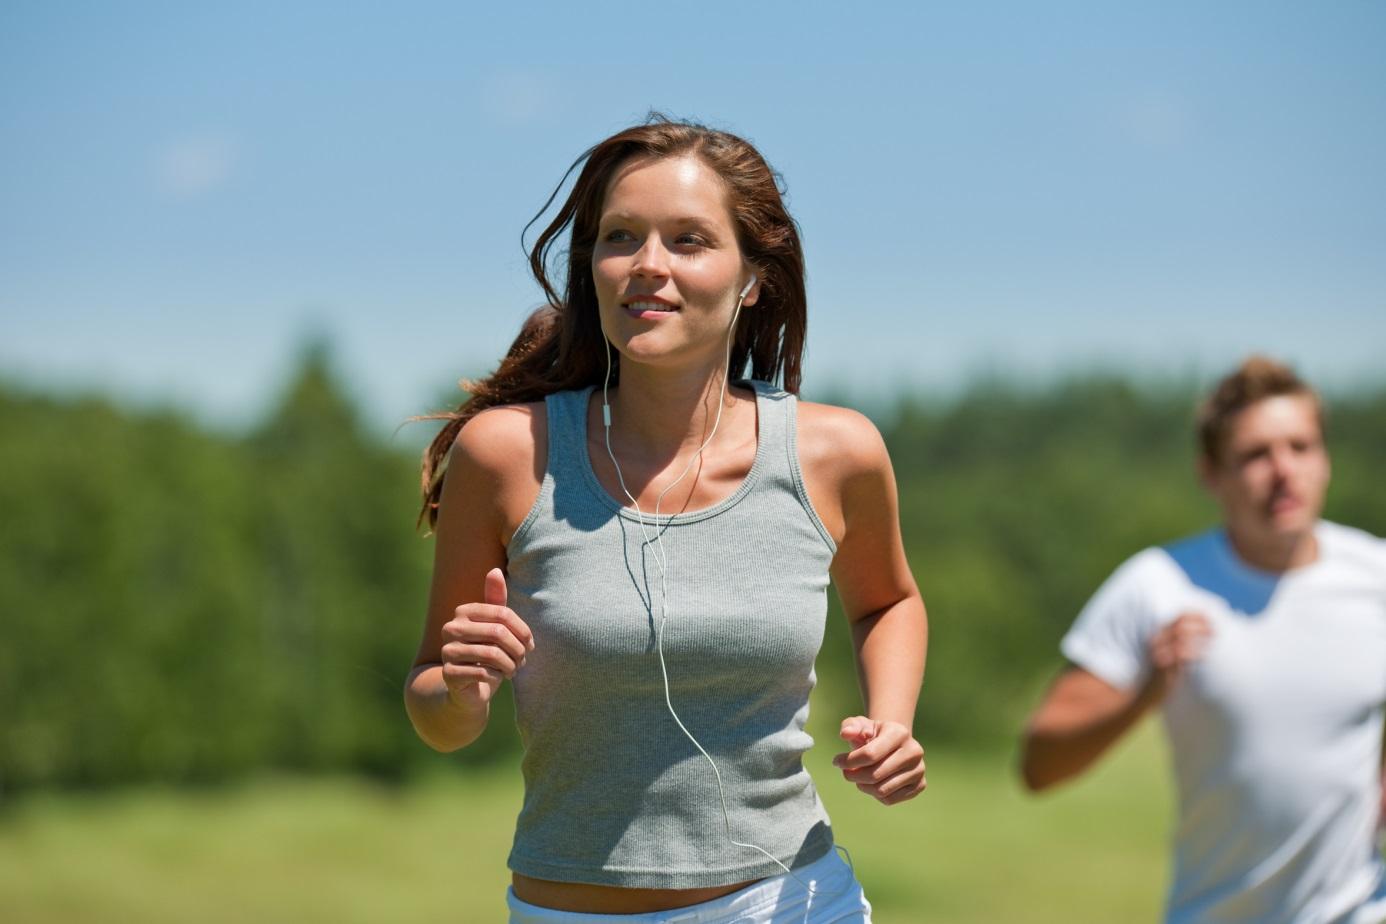 Egzersiz yaptıktan sonra gücünüzü geri kazanmanın yedi yolu